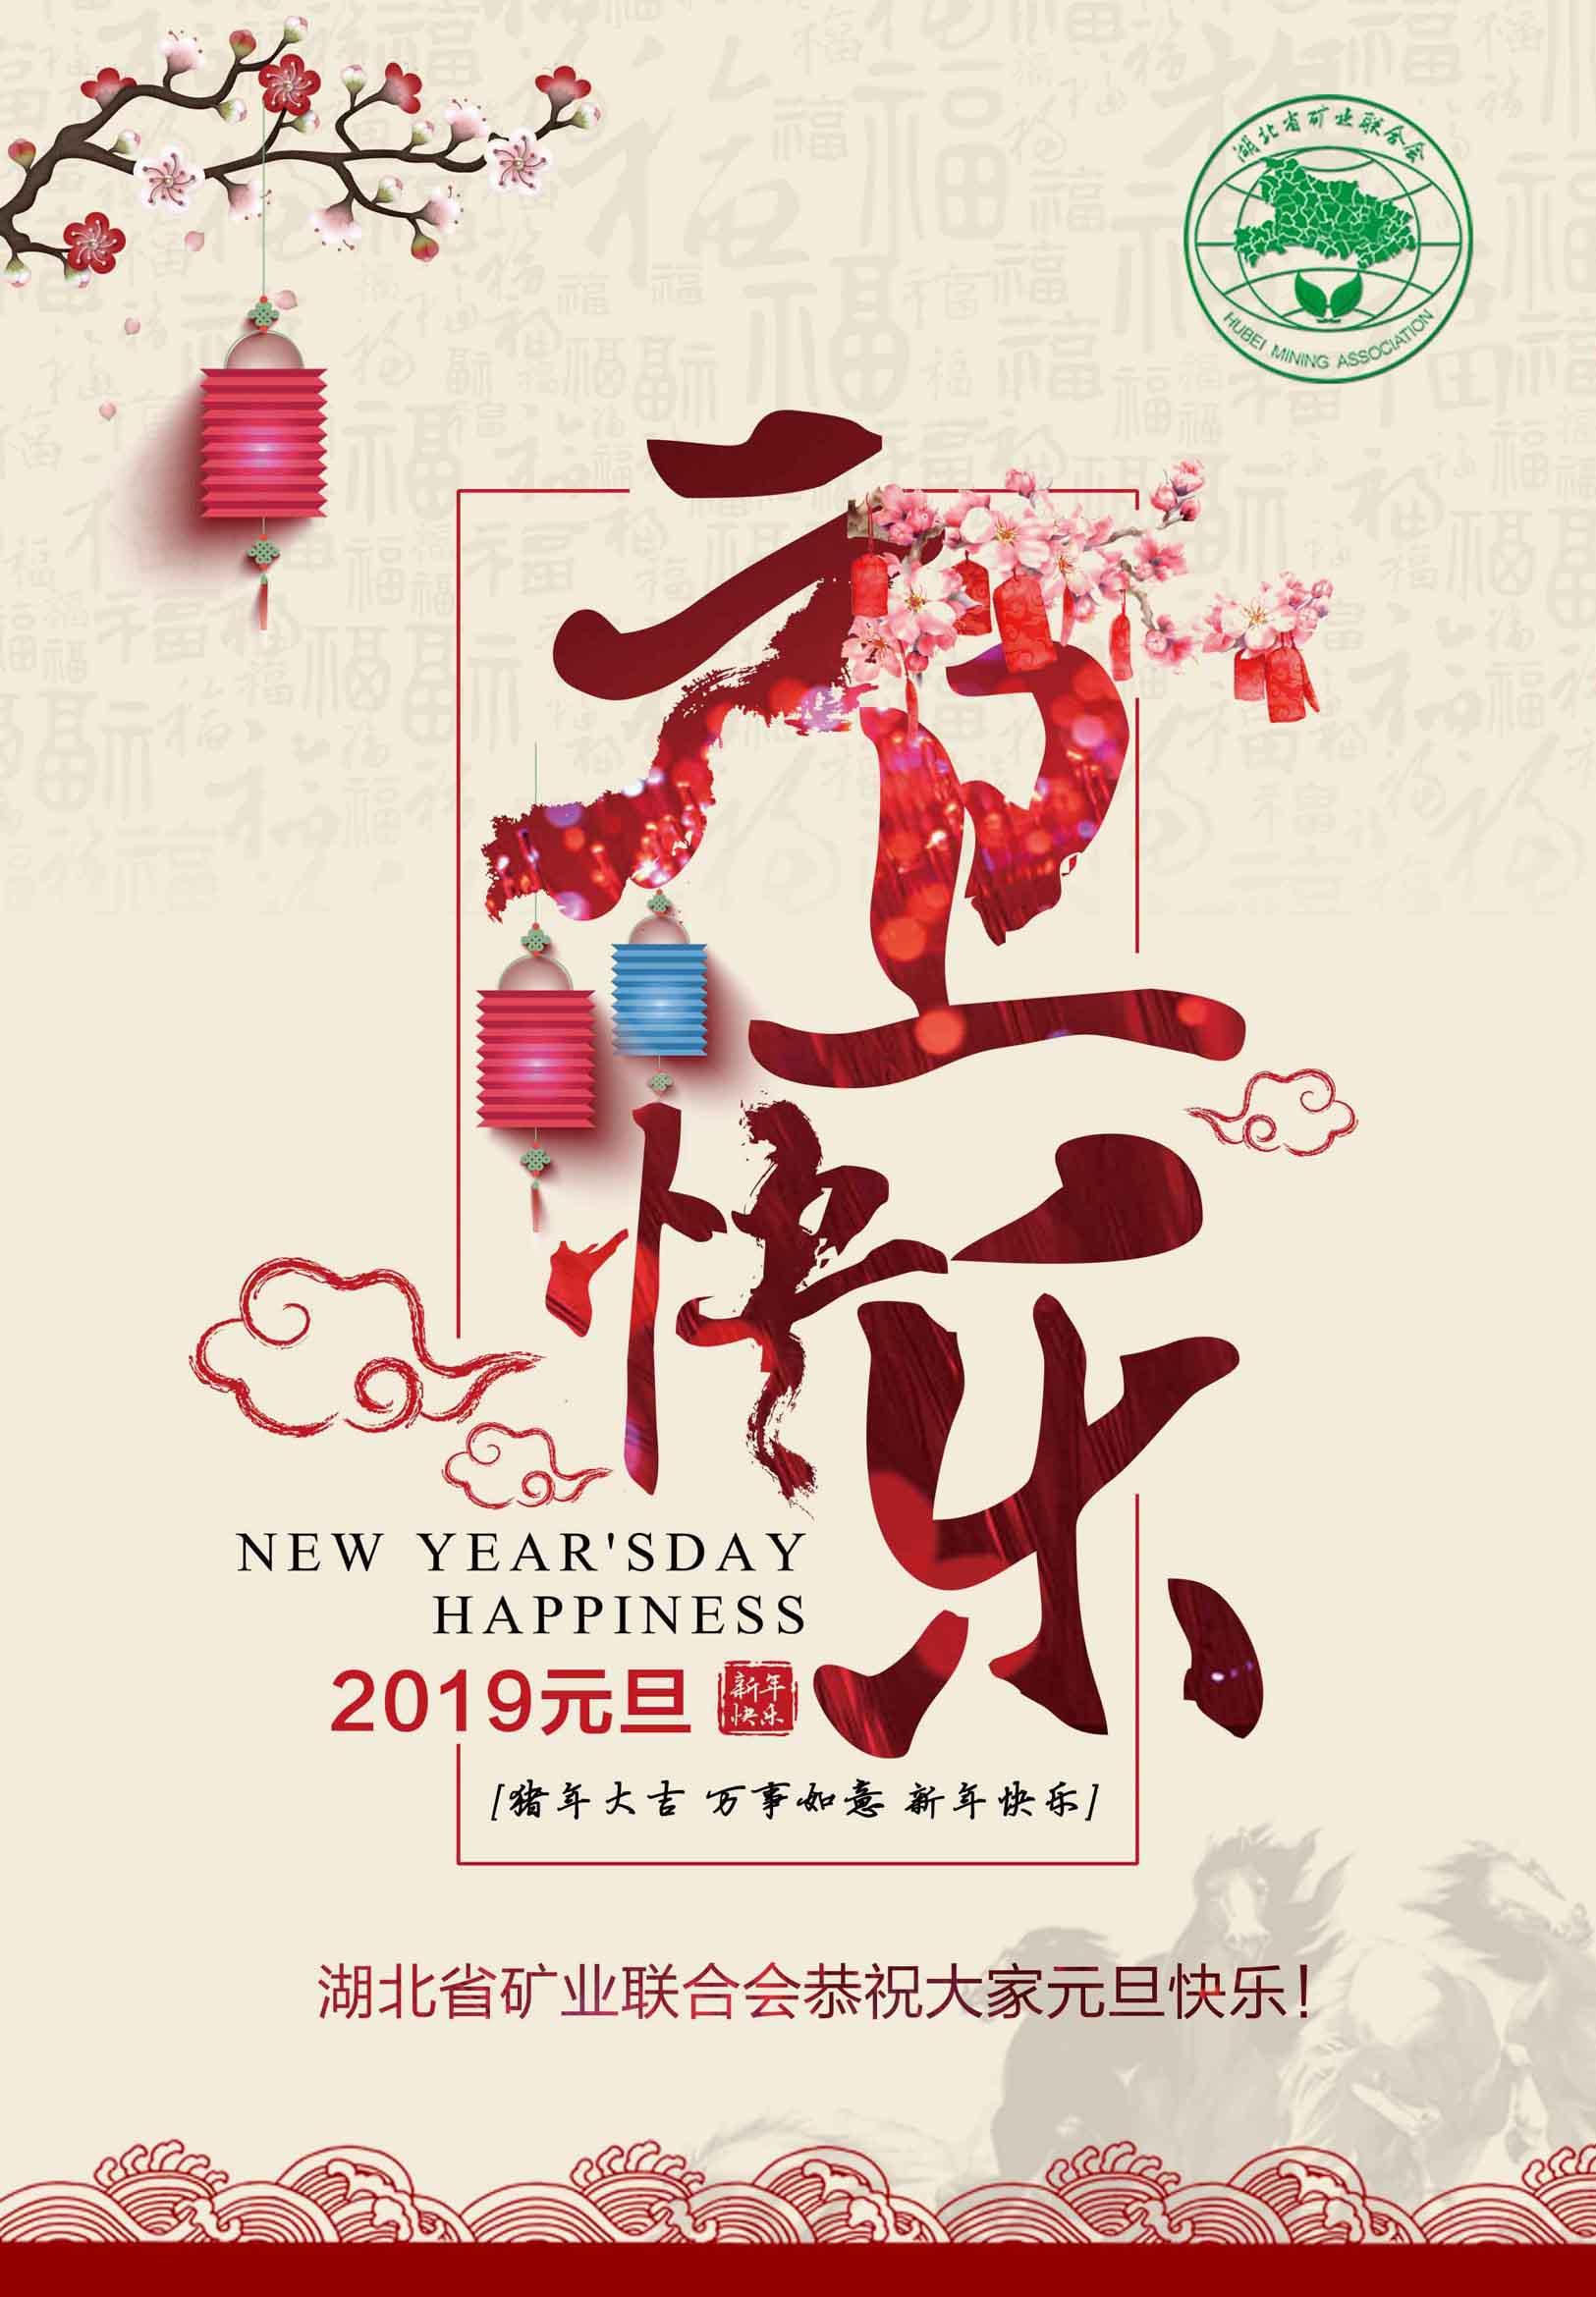 湖北省矿业联合会恭祝大家元旦快乐